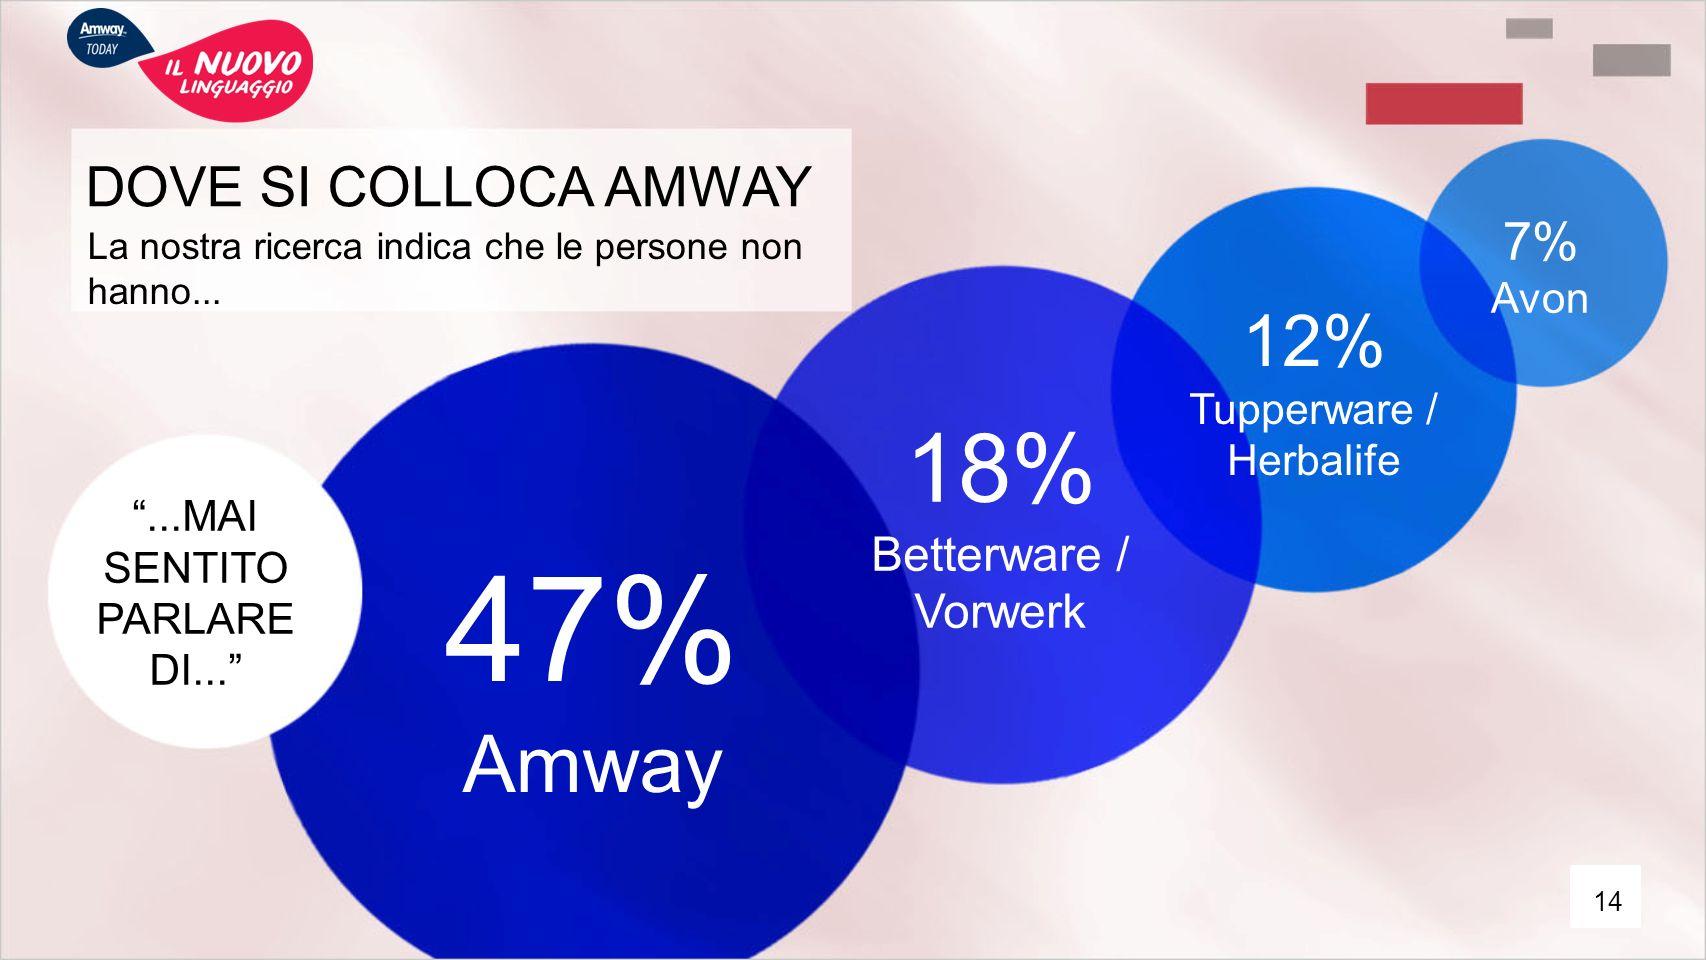 """DOVE SI COLLOCA AMWAY La nostra ricerca indica che le persone non hanno... """"...MAI SENTITO PARLARE DI..."""" 47% Amway 18% Betterware / Vorwerk 12% Tuppe"""